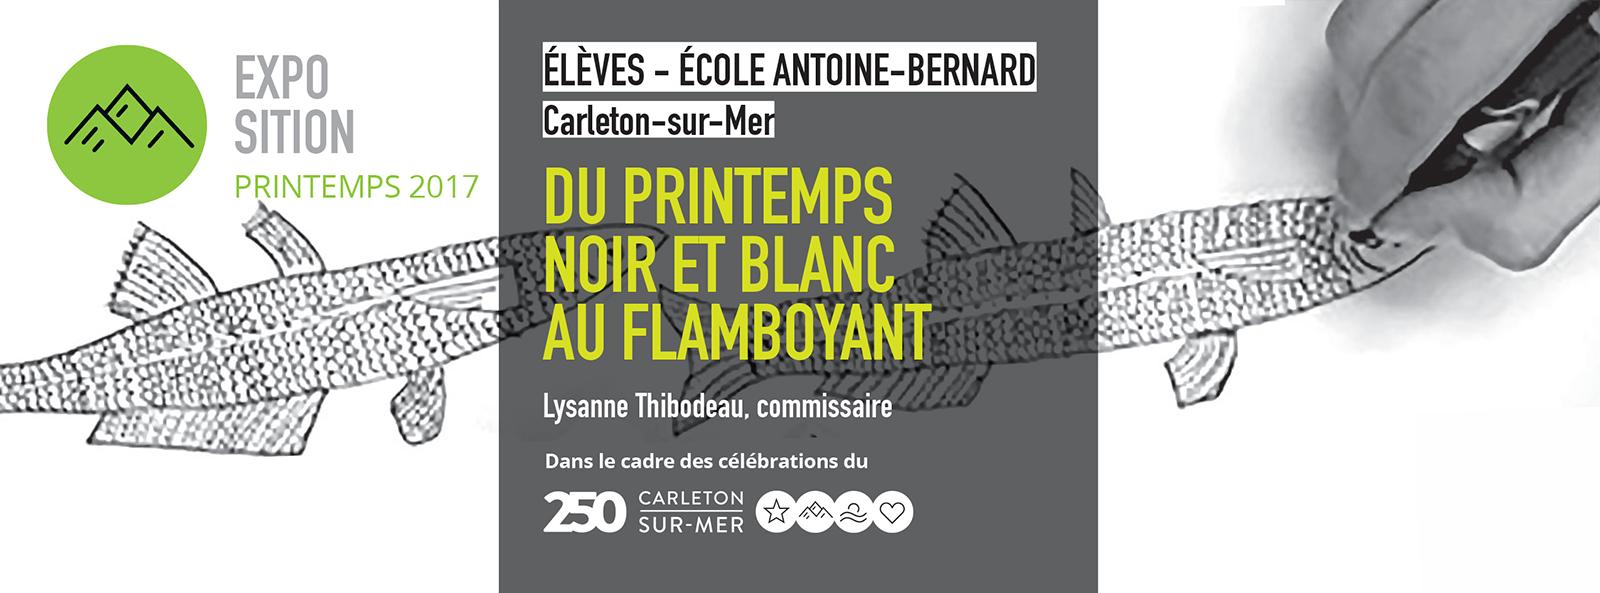 Élèves de l'école Antoine-Bernard, Carleton-sur-Mer DU PRINTEMPS NOIR ET BLANC AU FLAMBOYANT – Installation